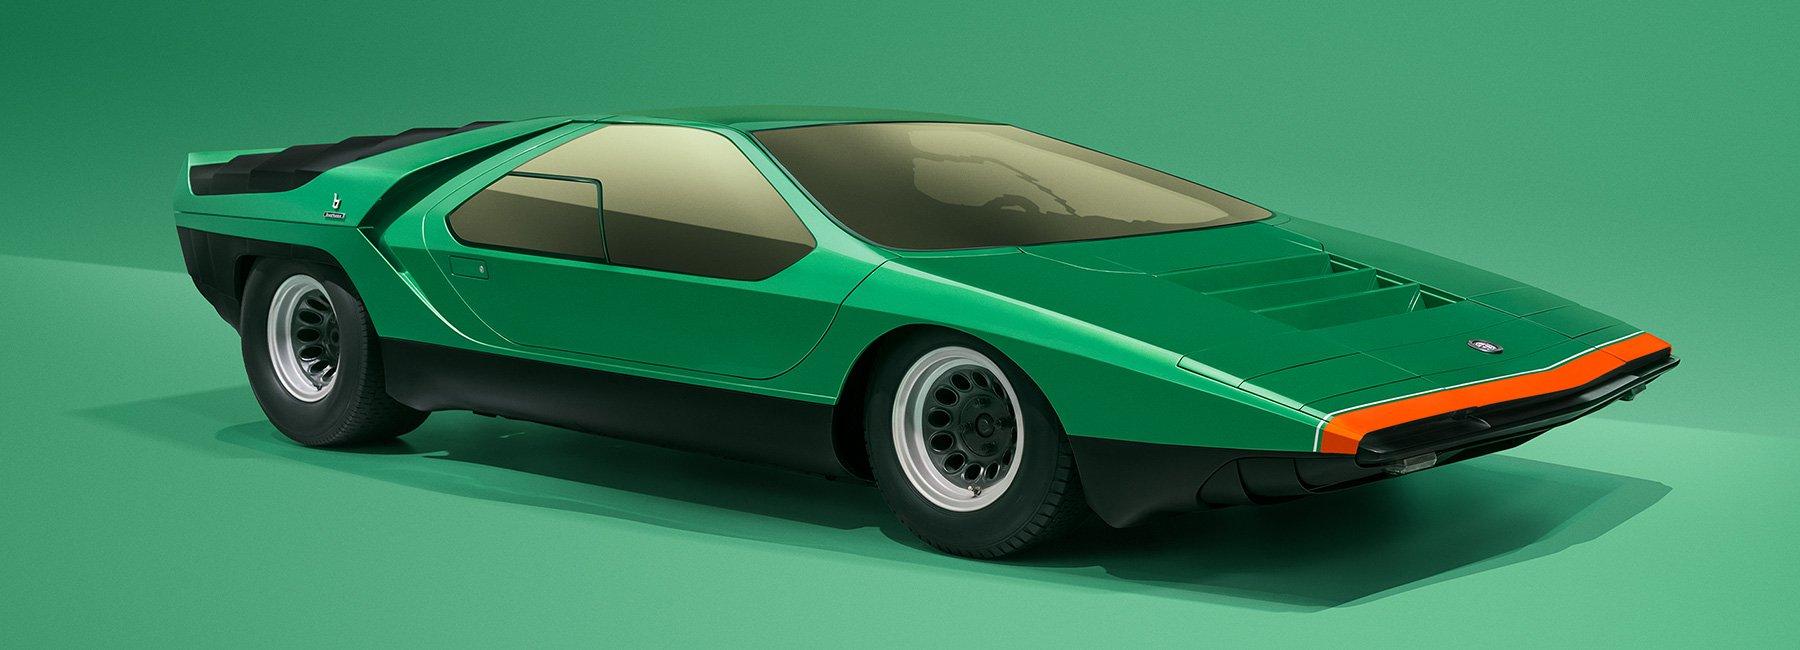 xe hơi 1